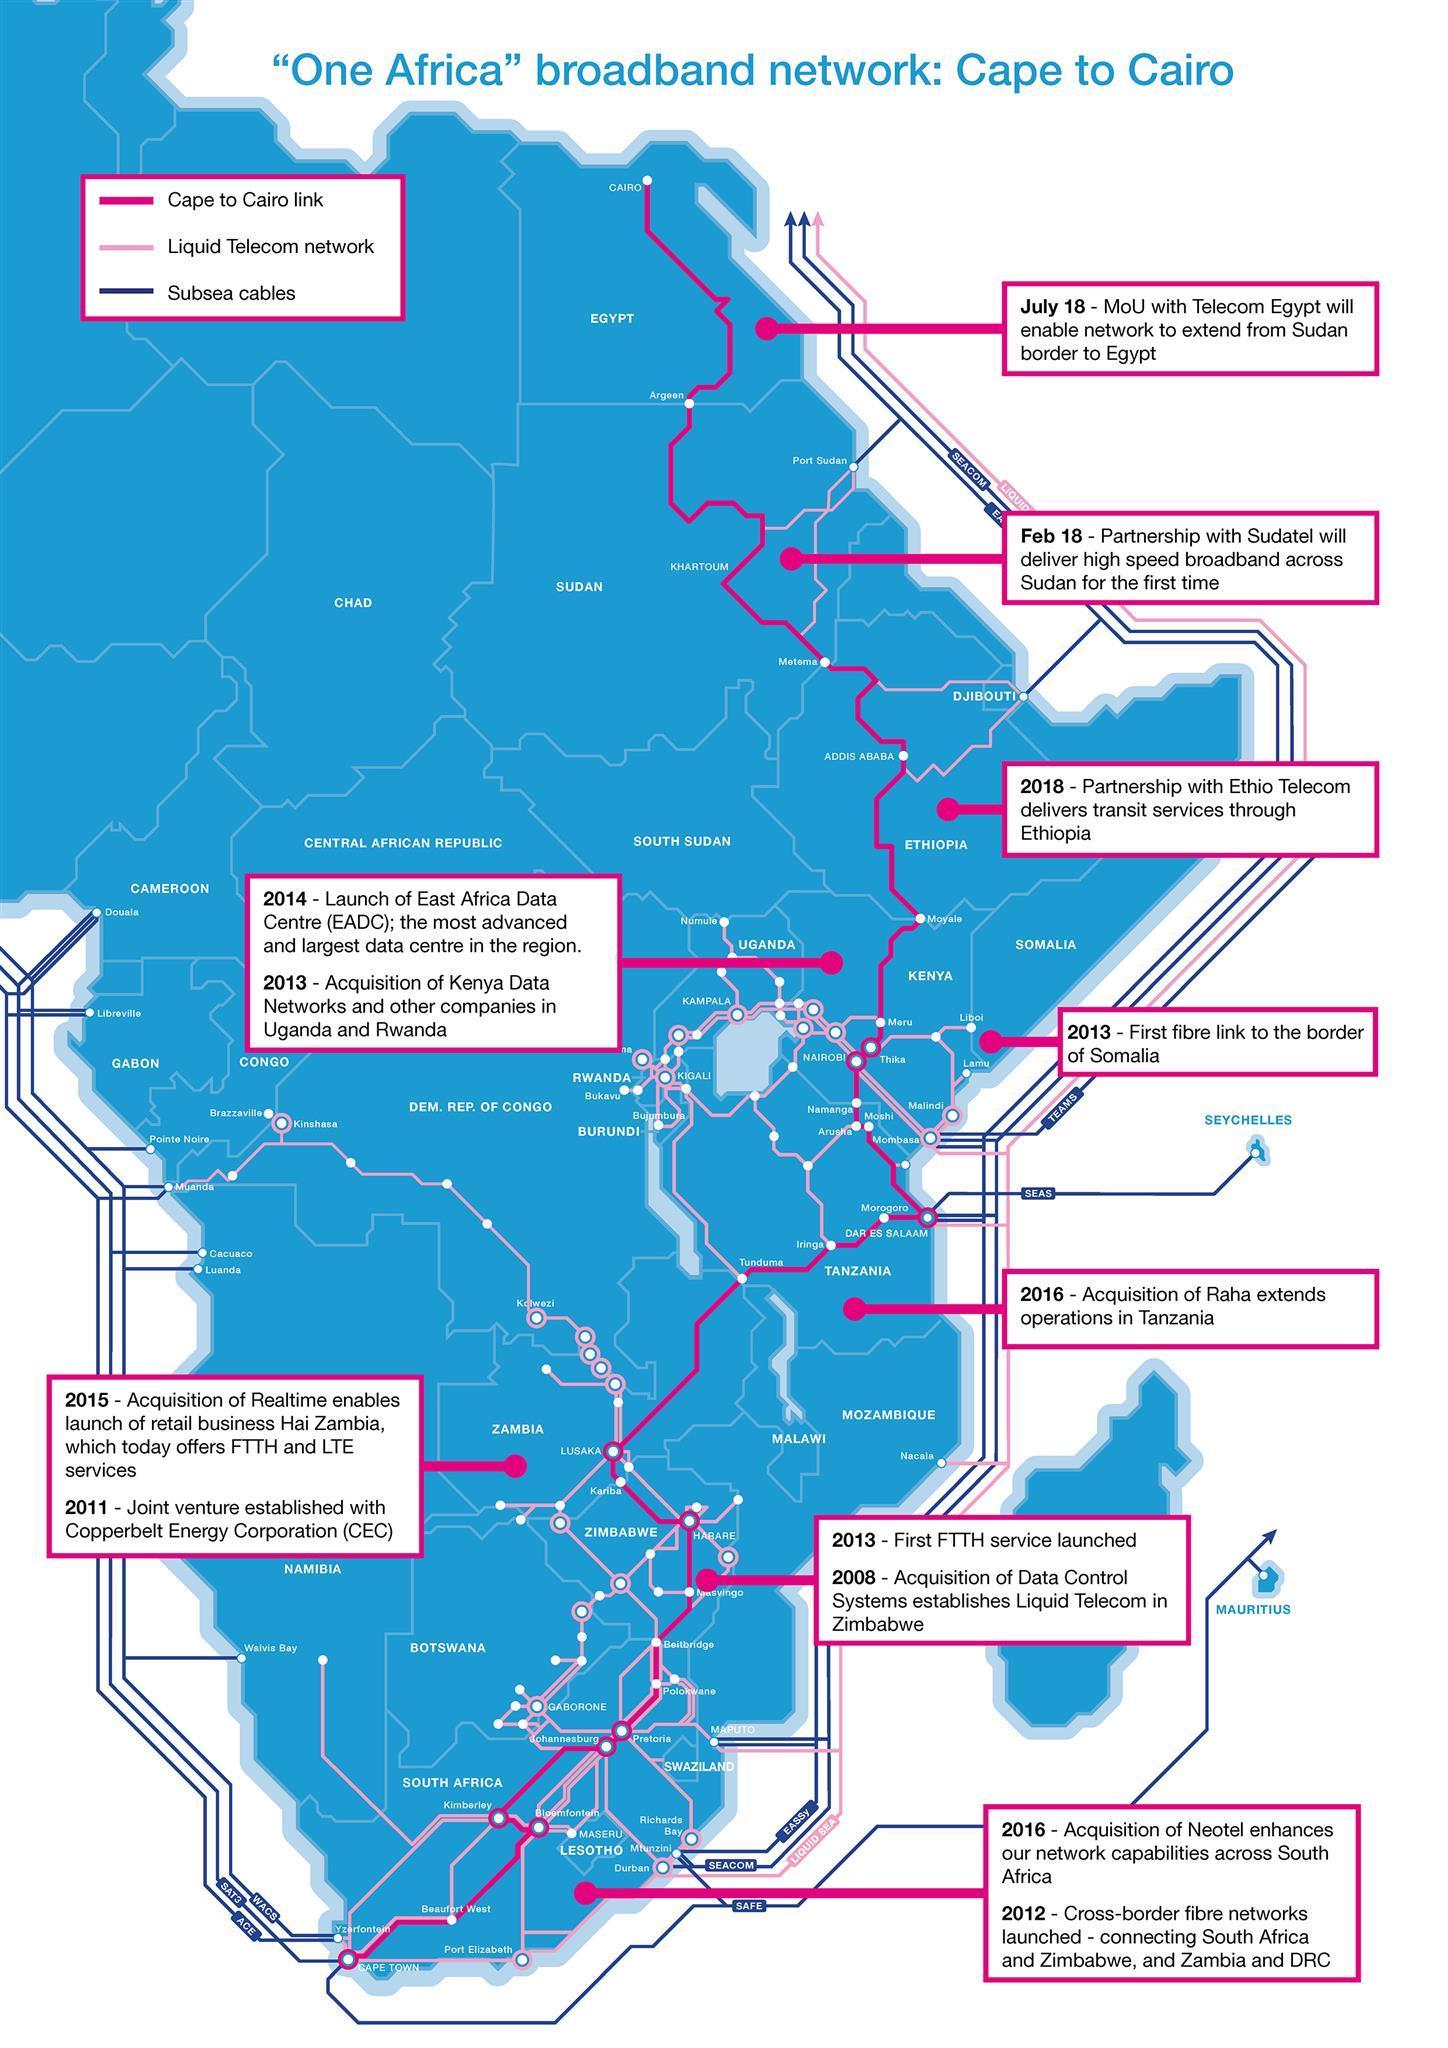 非洲Liquid Telecom拟建光纤系统直连东非和西非